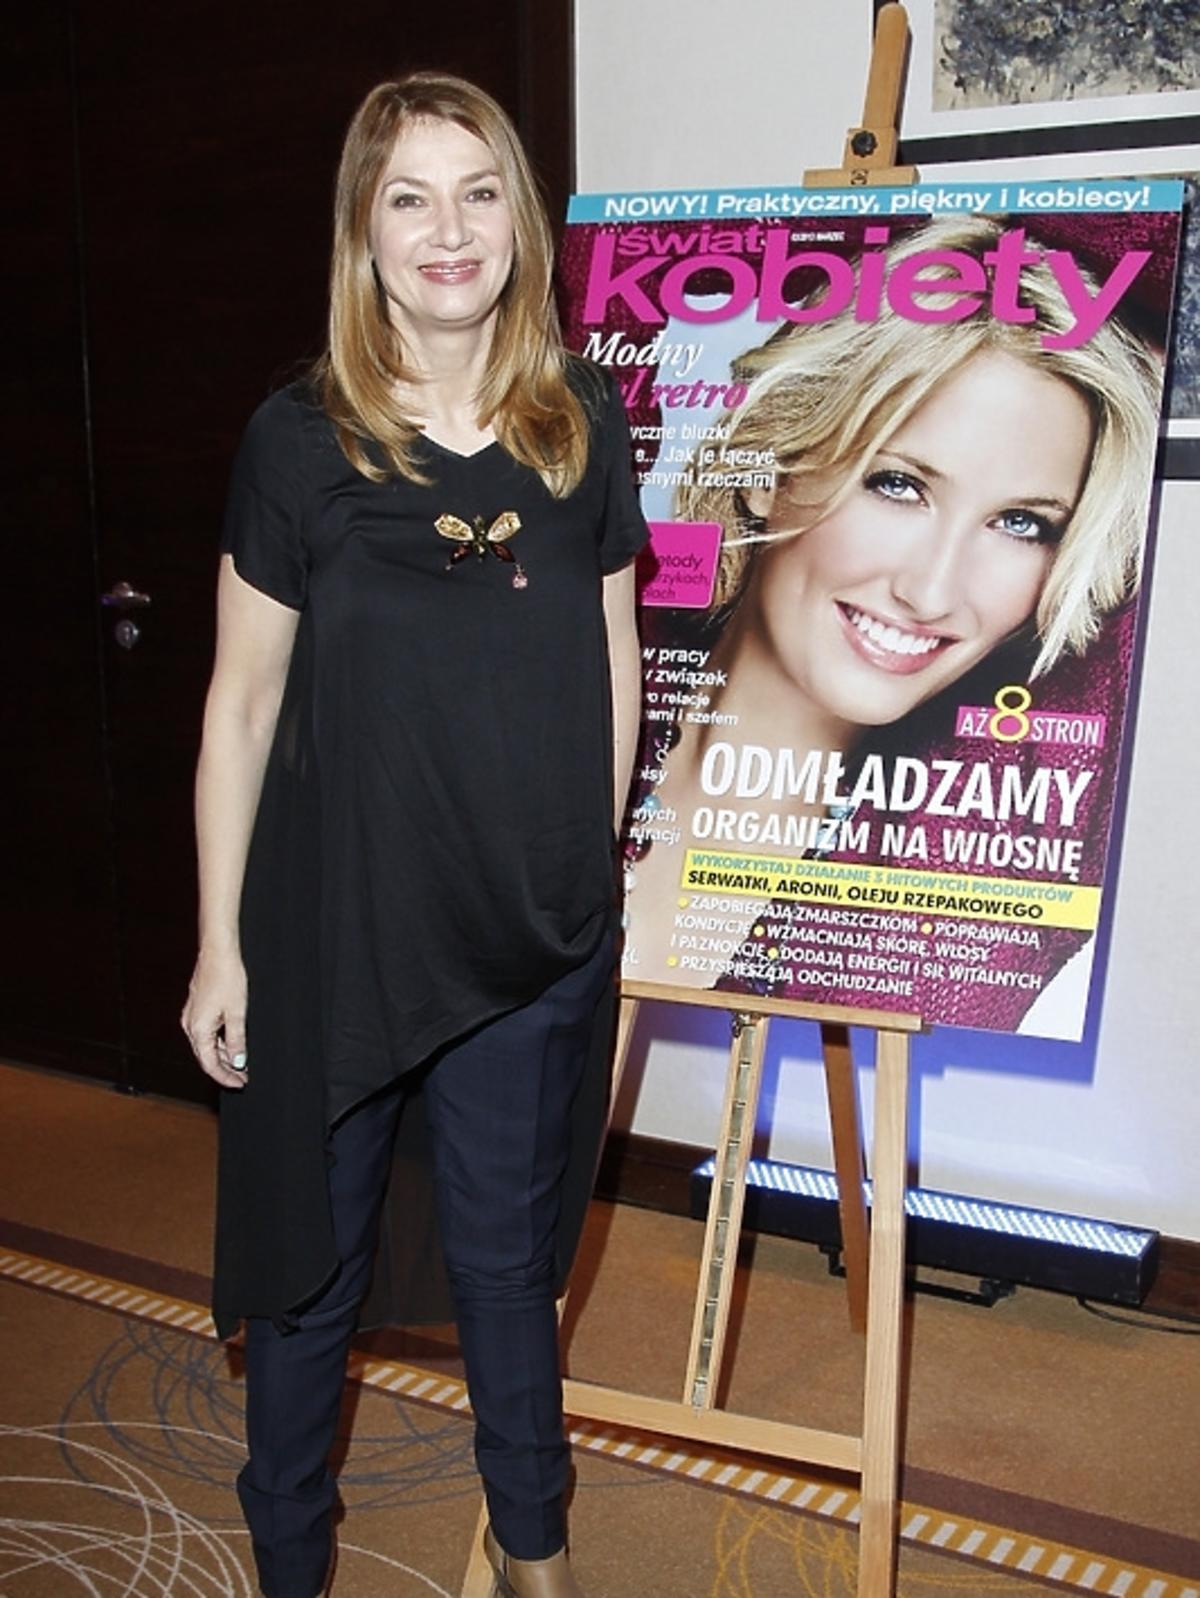 Grażyna Wolszczak na gali Superproduktu Świata Kobiety 2012